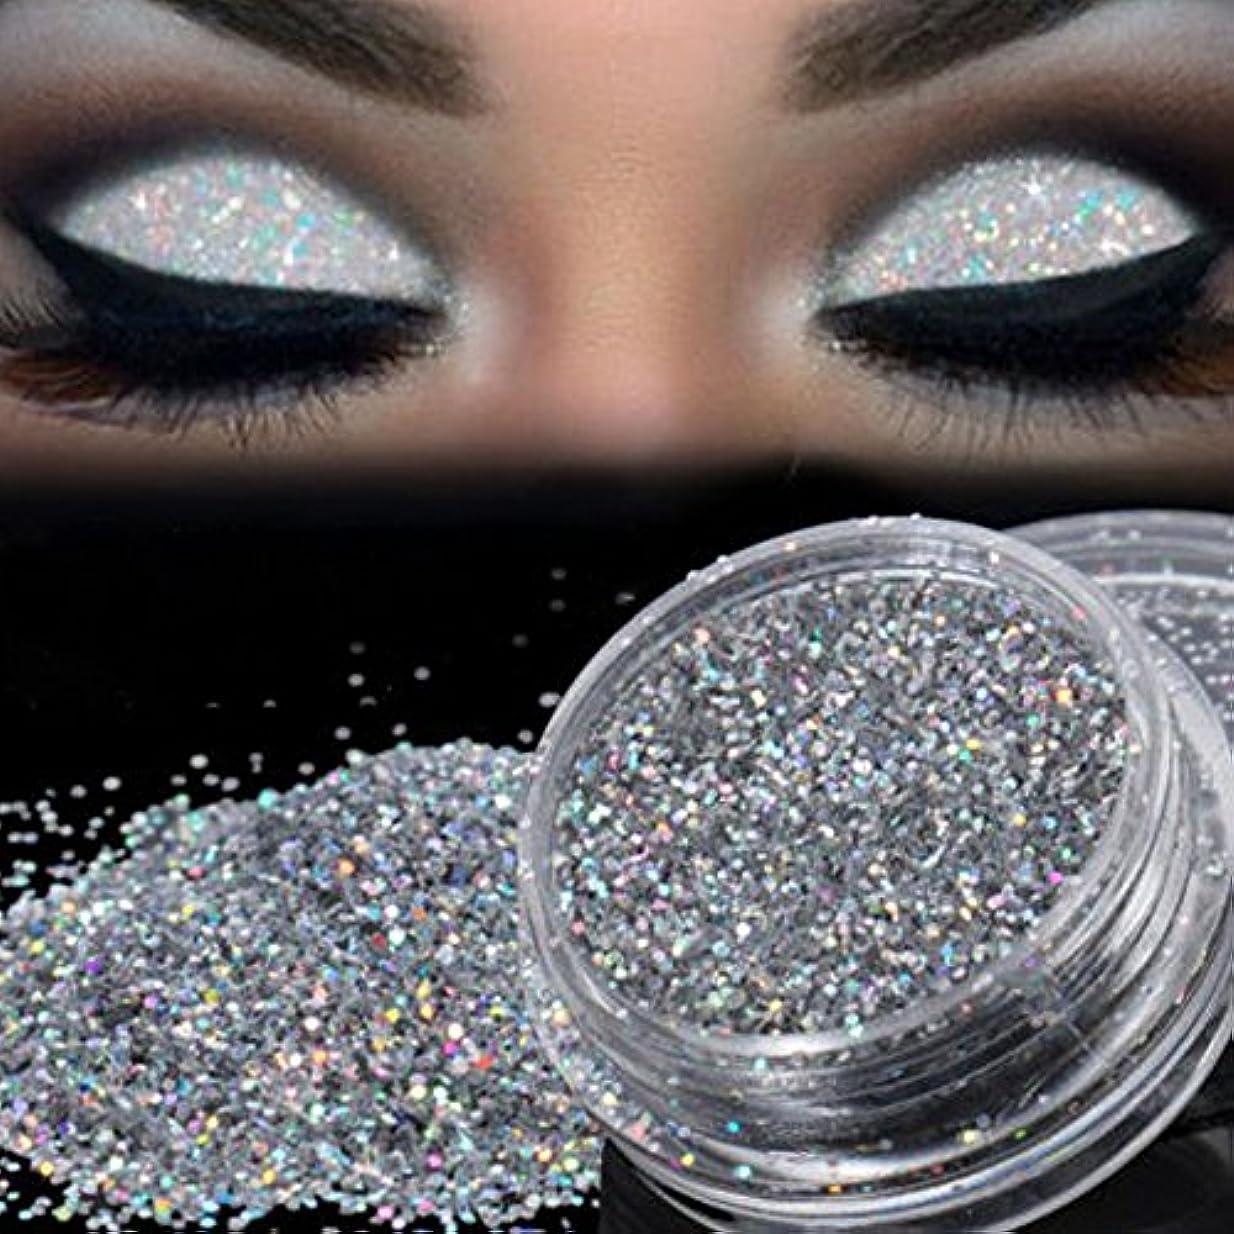 アベニュー不適切なアメリカ2018新番 化粧品 アイシャドウ Timsa 欧米風 アイシャドーパウダー ダイヤモンドグリッター スパークリングアイズ 極め細い パウダーアイシャドウ 2色選択 (A)